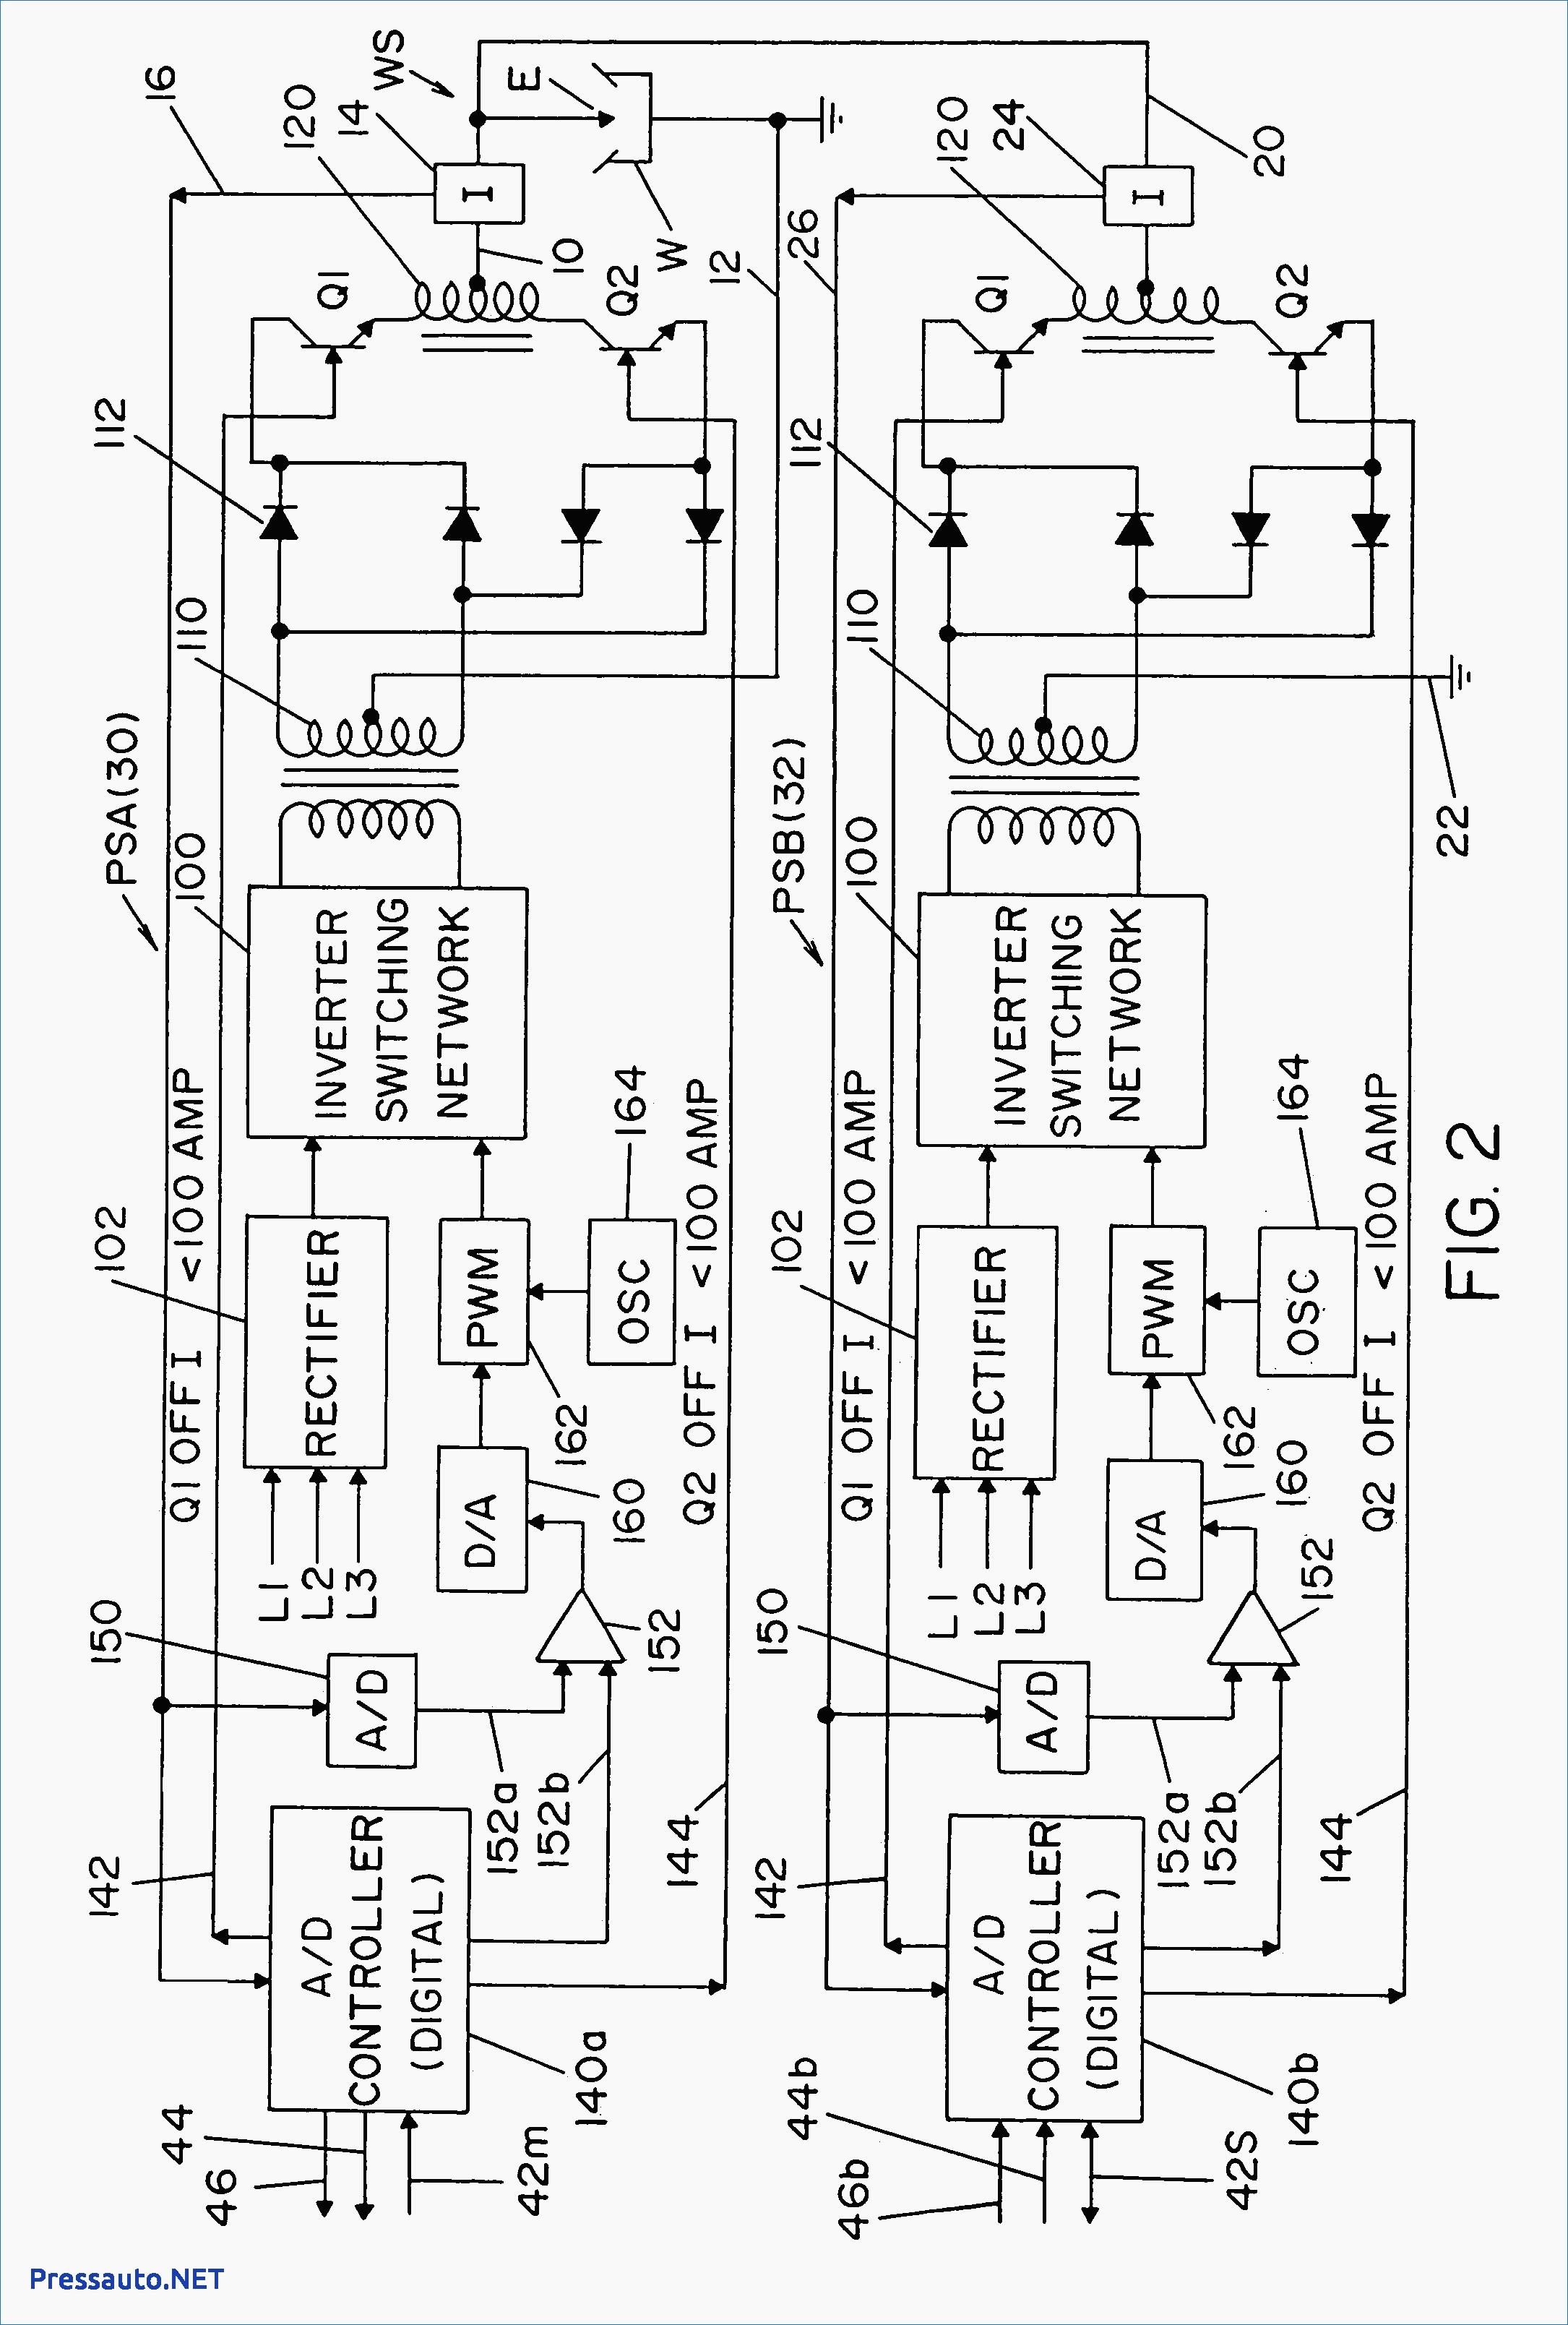 Lincoln Weldanpower 225 Wiring Diagram | Wiring Diagram - Lincoln 225 Arc Welder Wiring Diagram